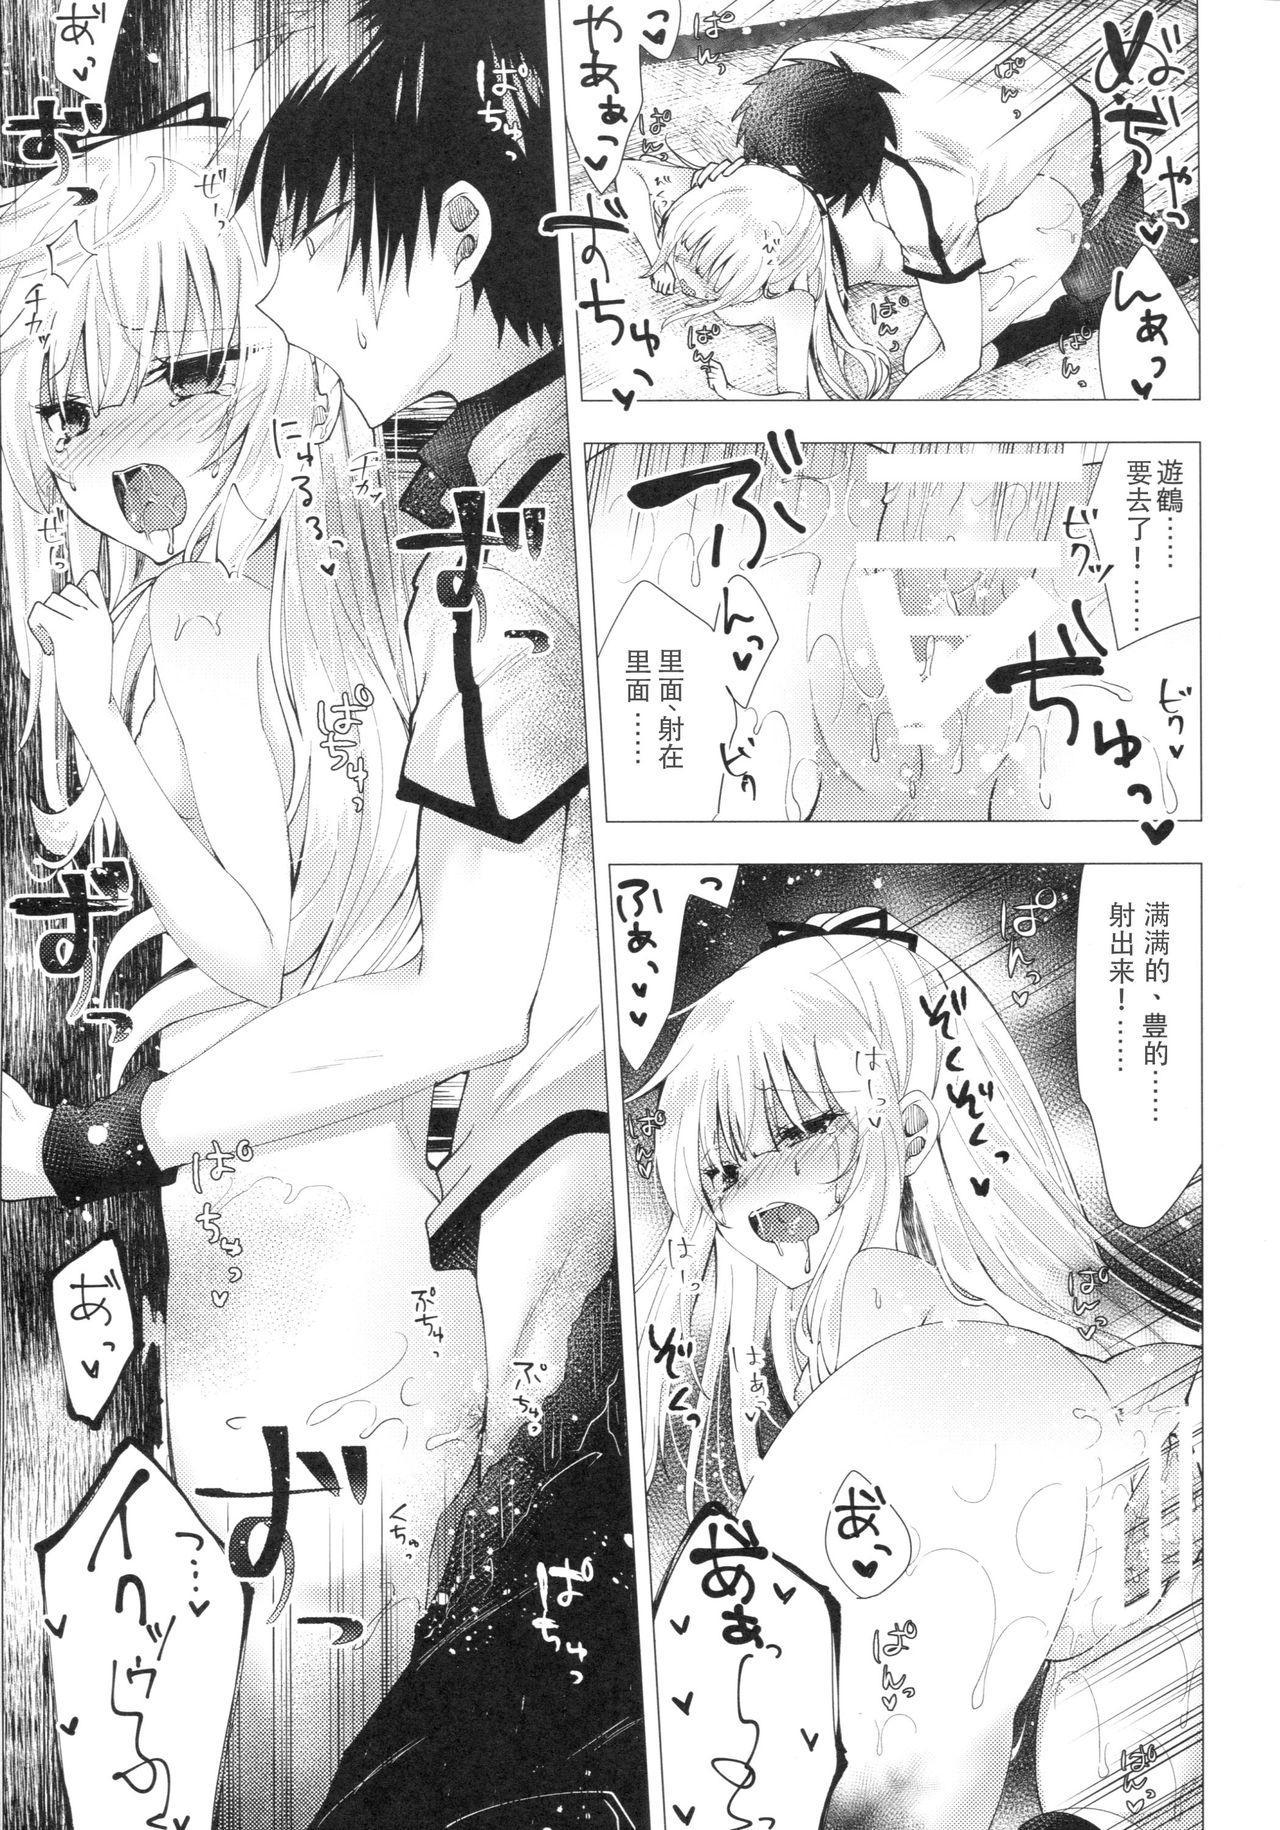 Tsumetai Binetsu 24